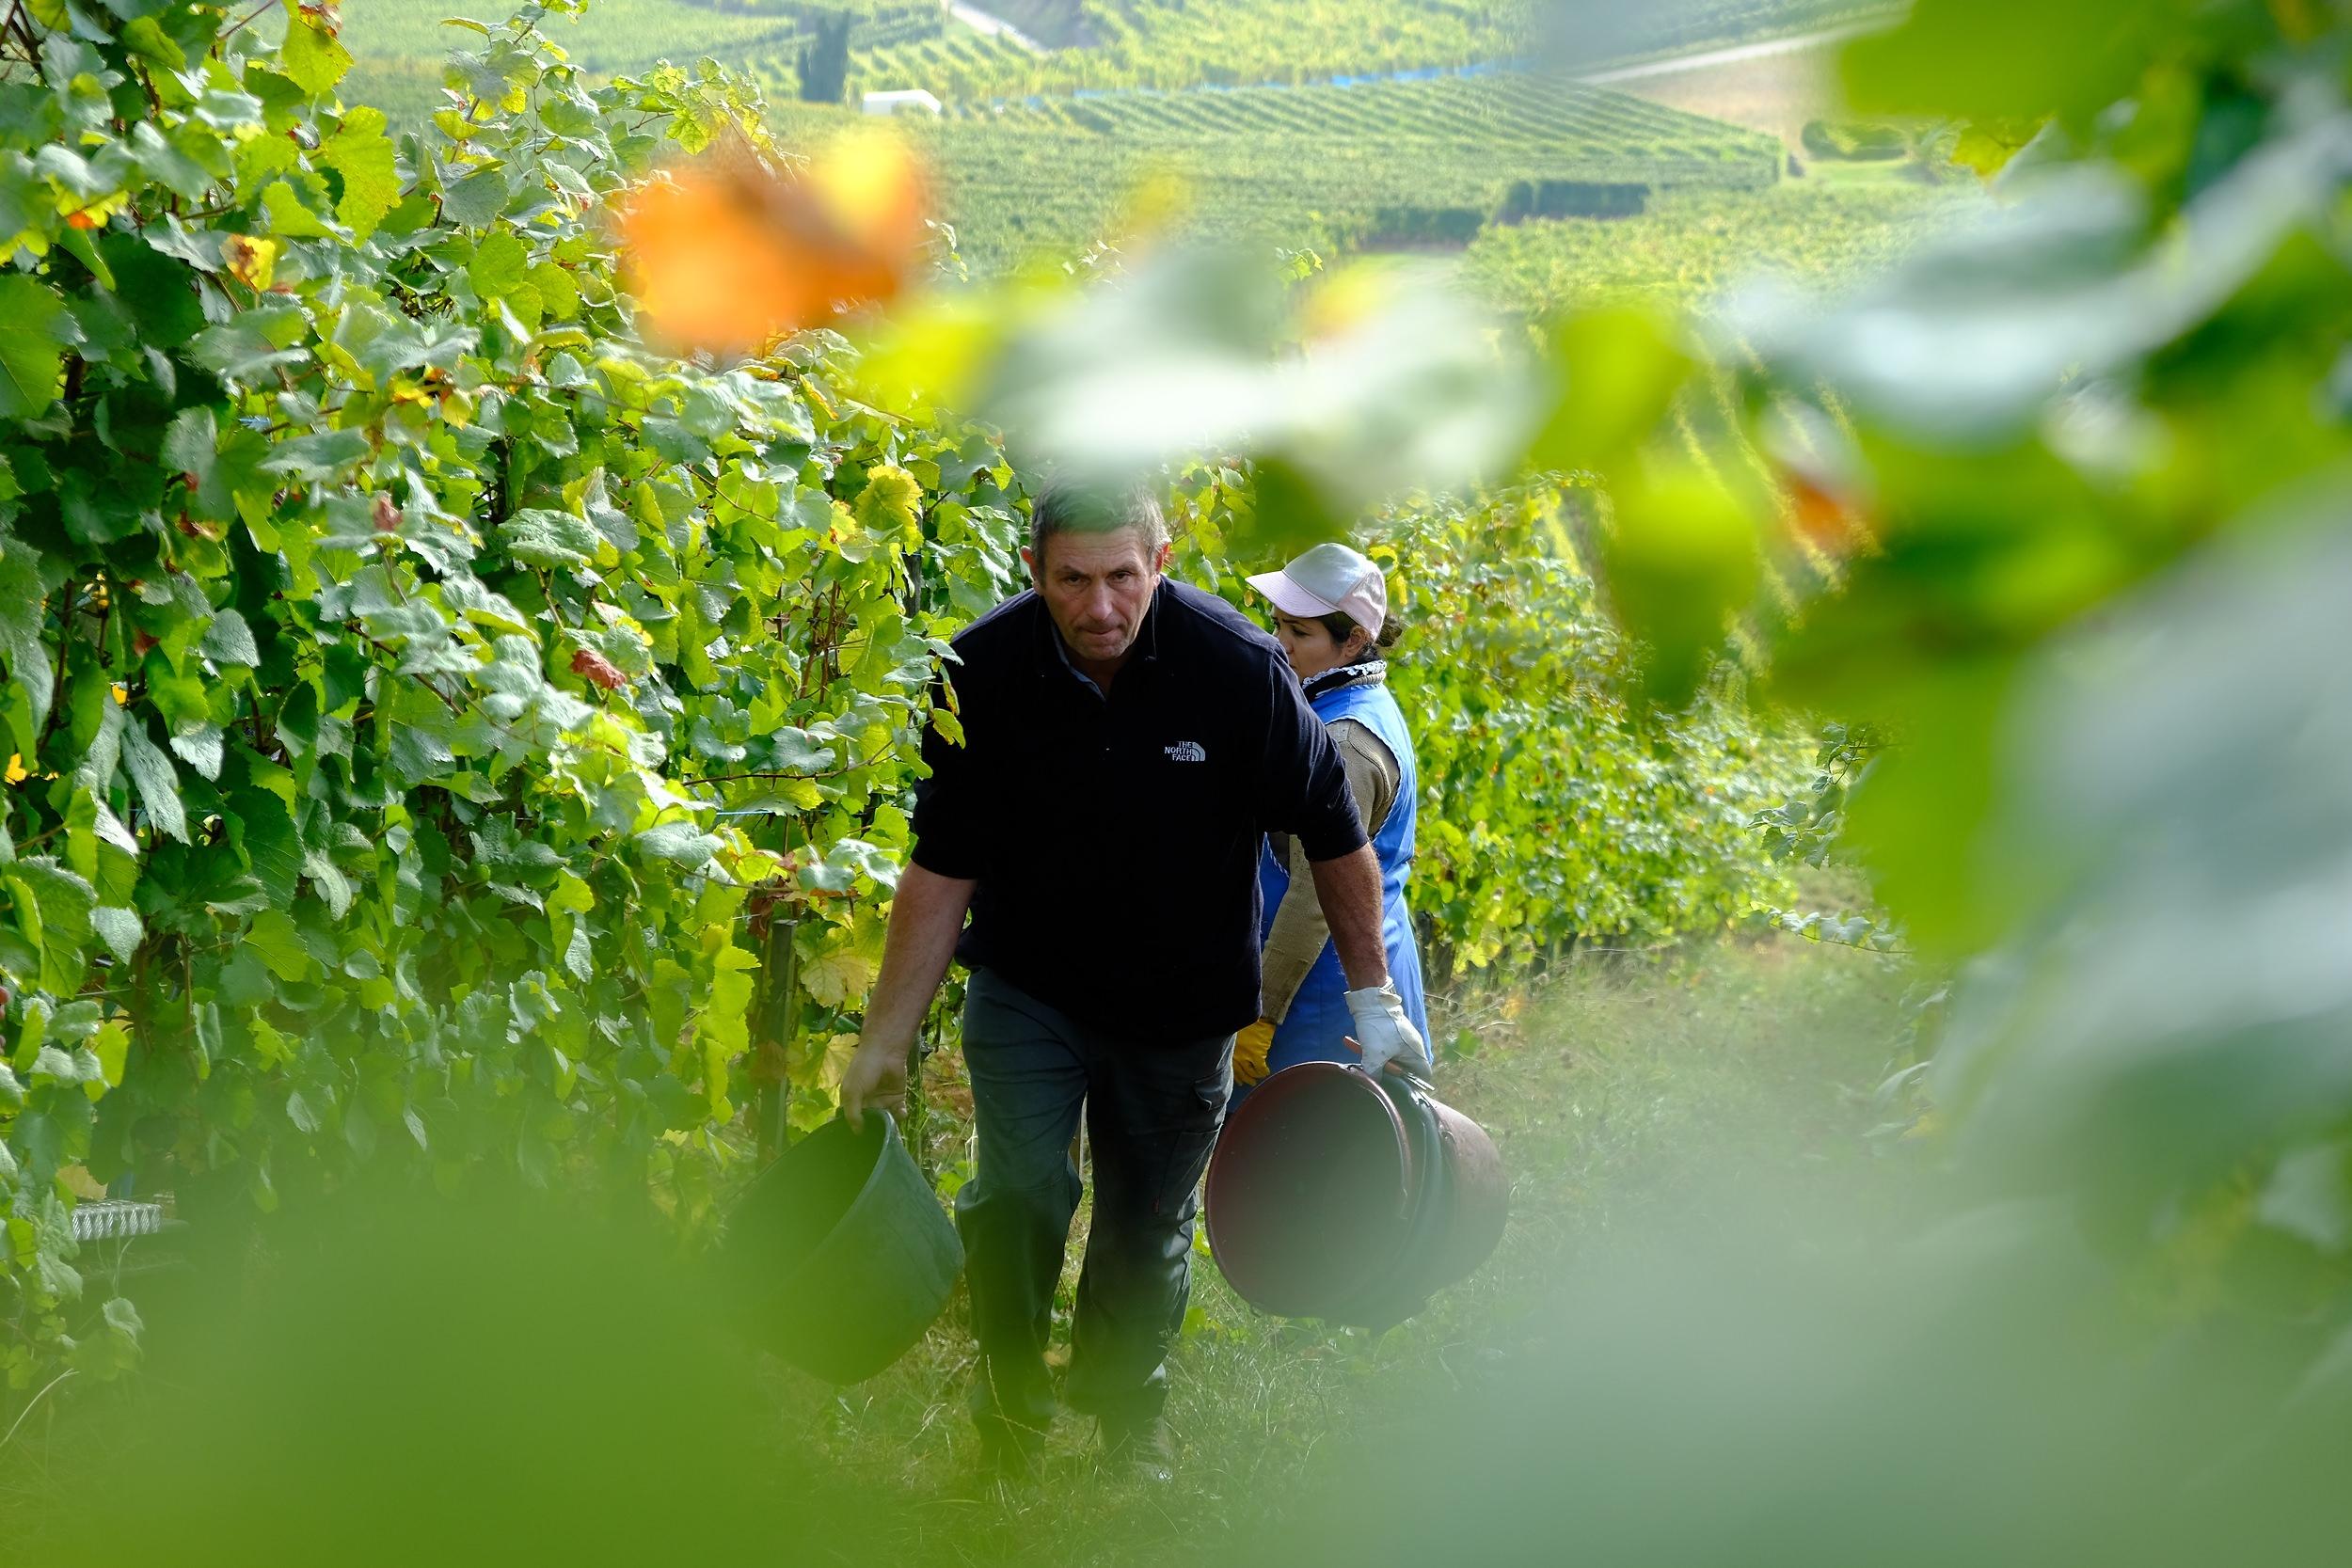 fotoreportage-wijn produceren-Vignoble des 2 lunes-Bosman Wijnkopers-464.jpg